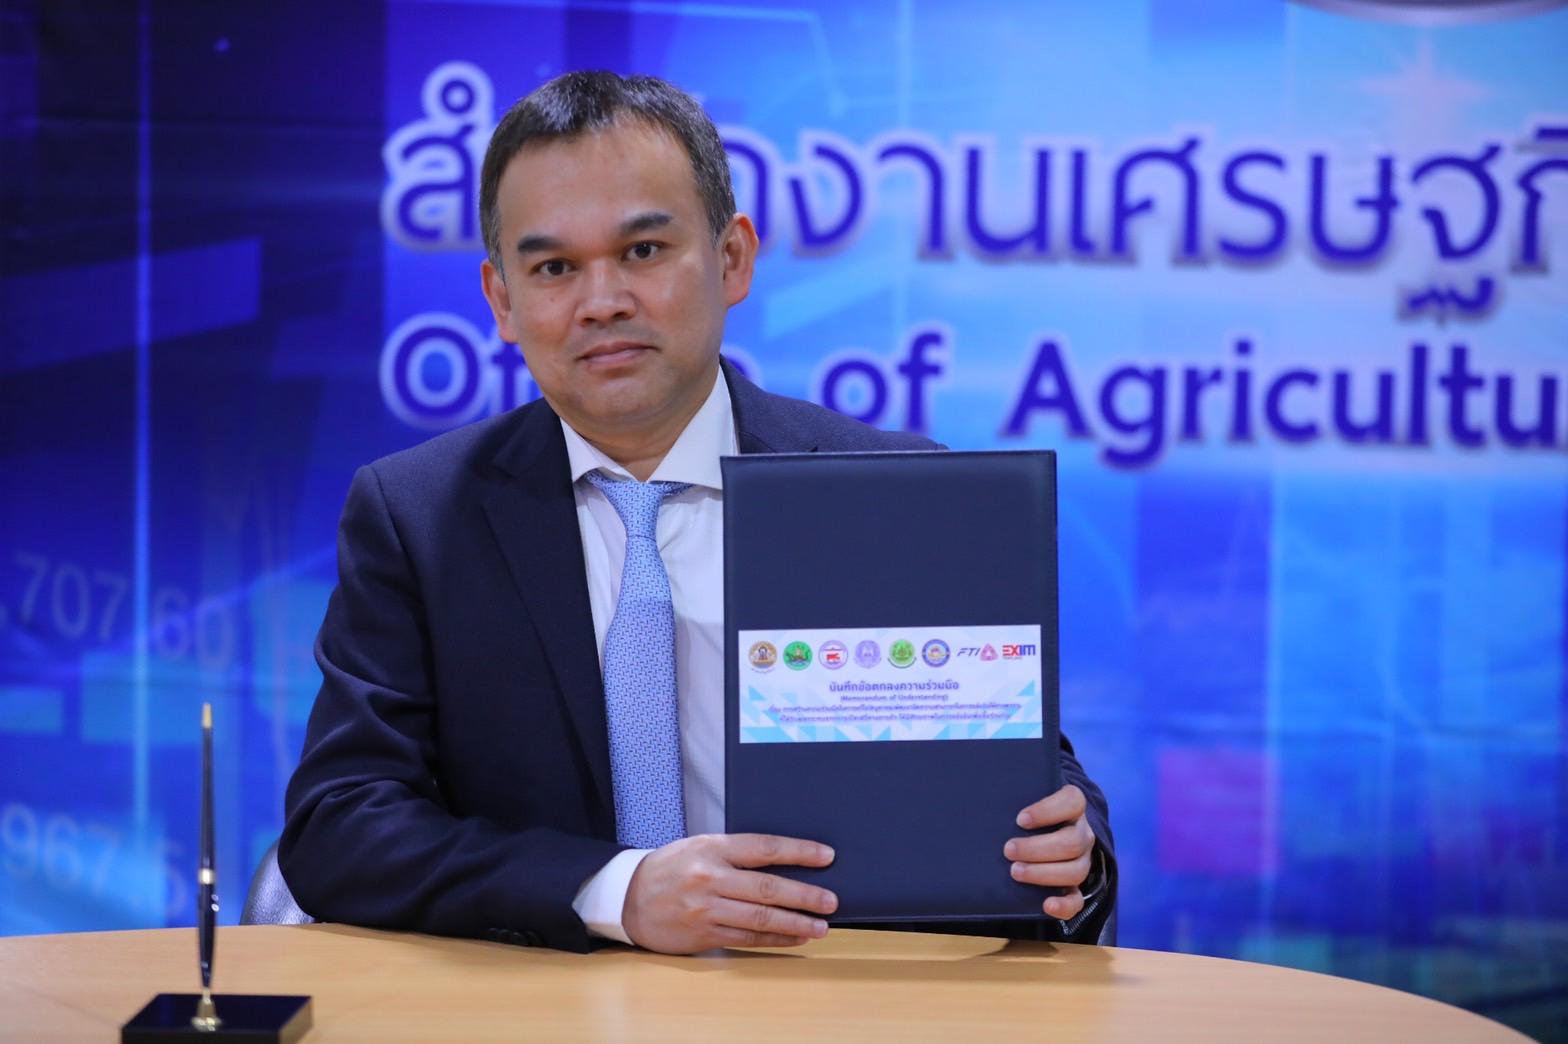 สศก. โดยกองทุน FTA ผนึก MOU 9 หน่วยงานภาคี รัฐ - เอกชน พัฒนาขีดความสามารถการแข่งขันให้เกษตรกร ช่วยบรรเทาผลกระทบจากการเปิดเสรีทางการค้า